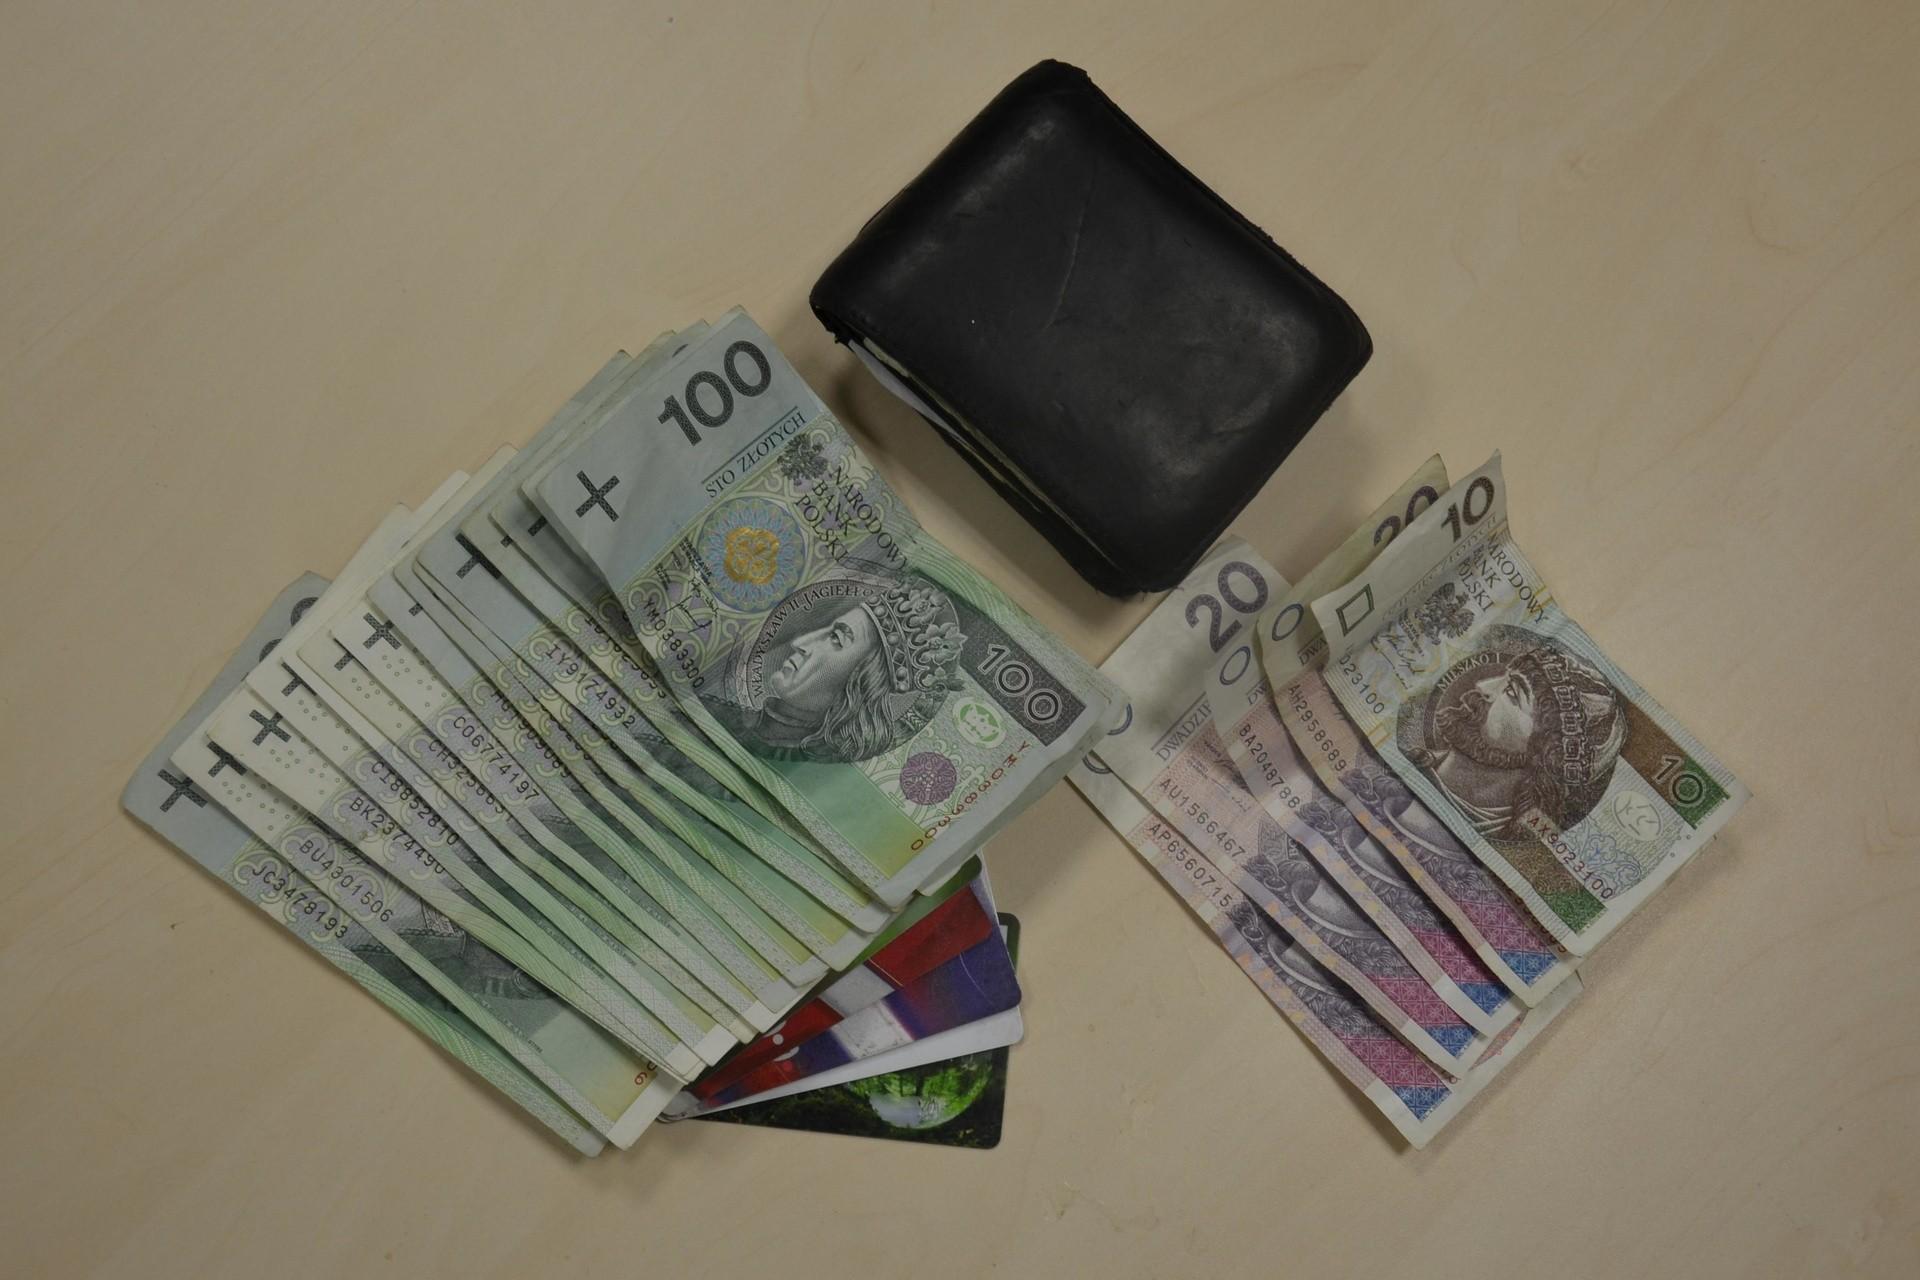 3654151a997c8 Do zdarzenia doszło w czwartek w sklepie w Książu Wielkim, gdzie robiący  zakupy mężczyzna zgubił portfel. Jego brak zauważył przy kasie, kiedy  chciał ...